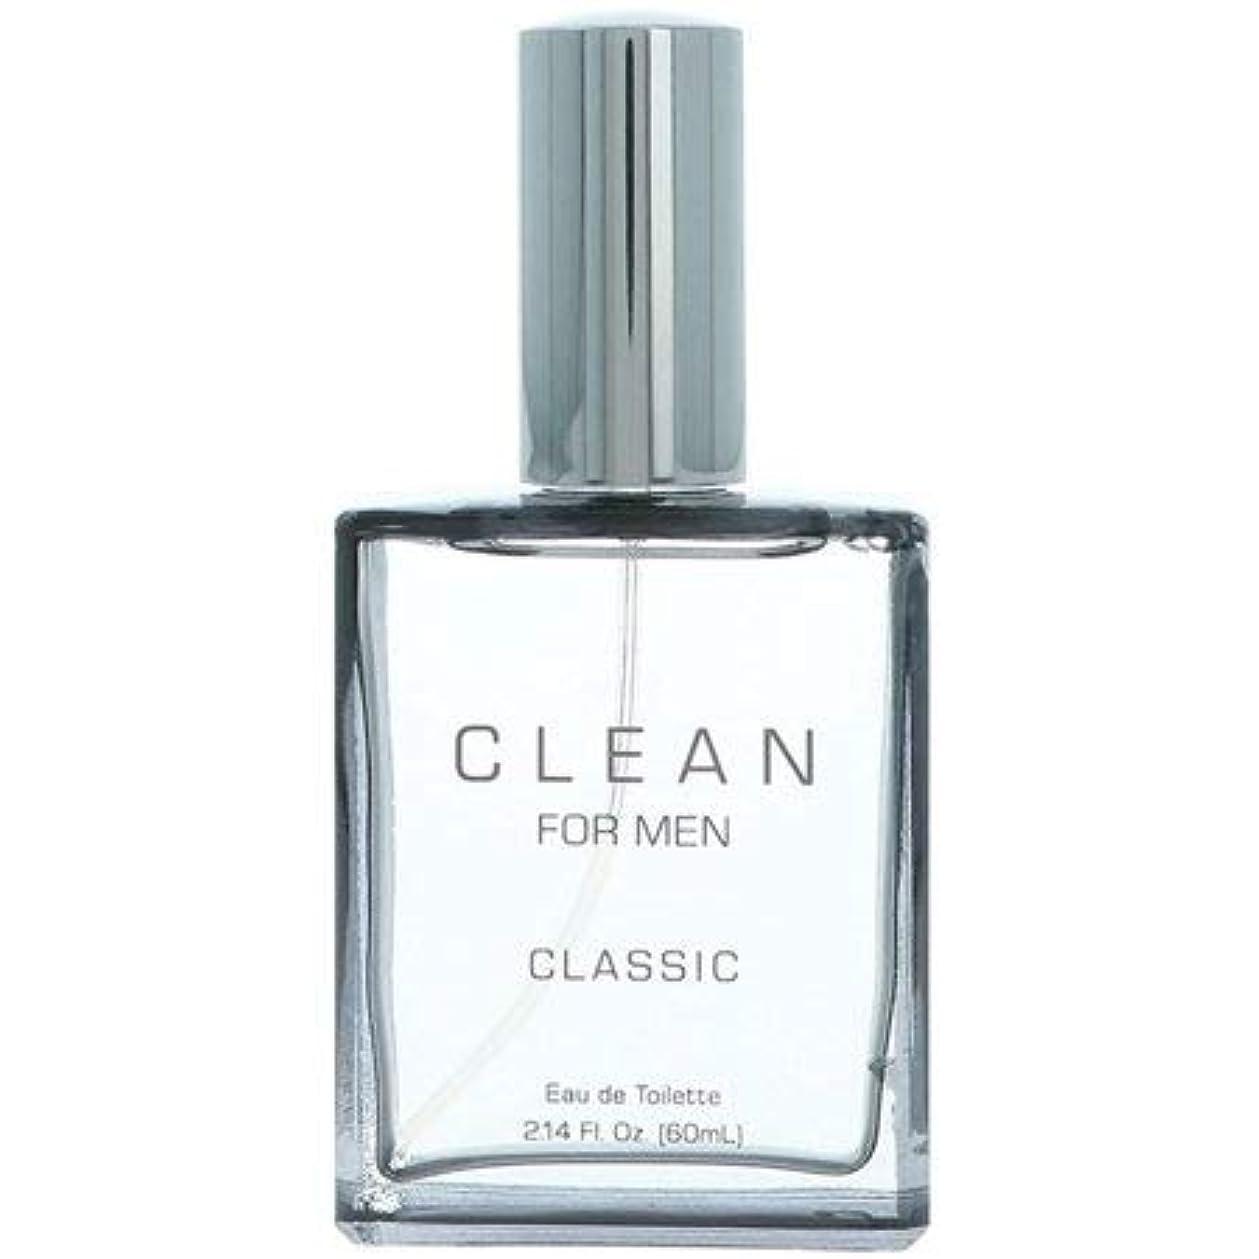 ラップサスティーン定数クリーン CLEAN クラシック フォーメン オードトワレ EDT 60ml [並行輸入品]